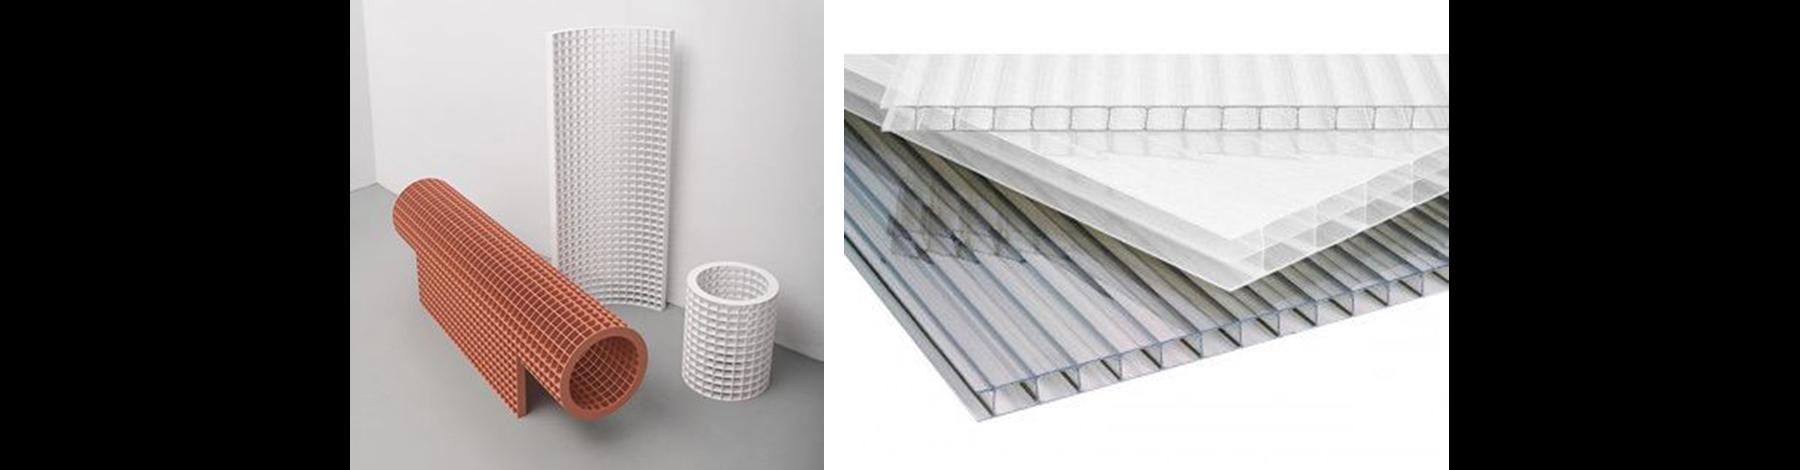 Materialisatie:  Oranje strekmetaal voor de bouw van de bergingen en de lambrisering van kanaalplaten